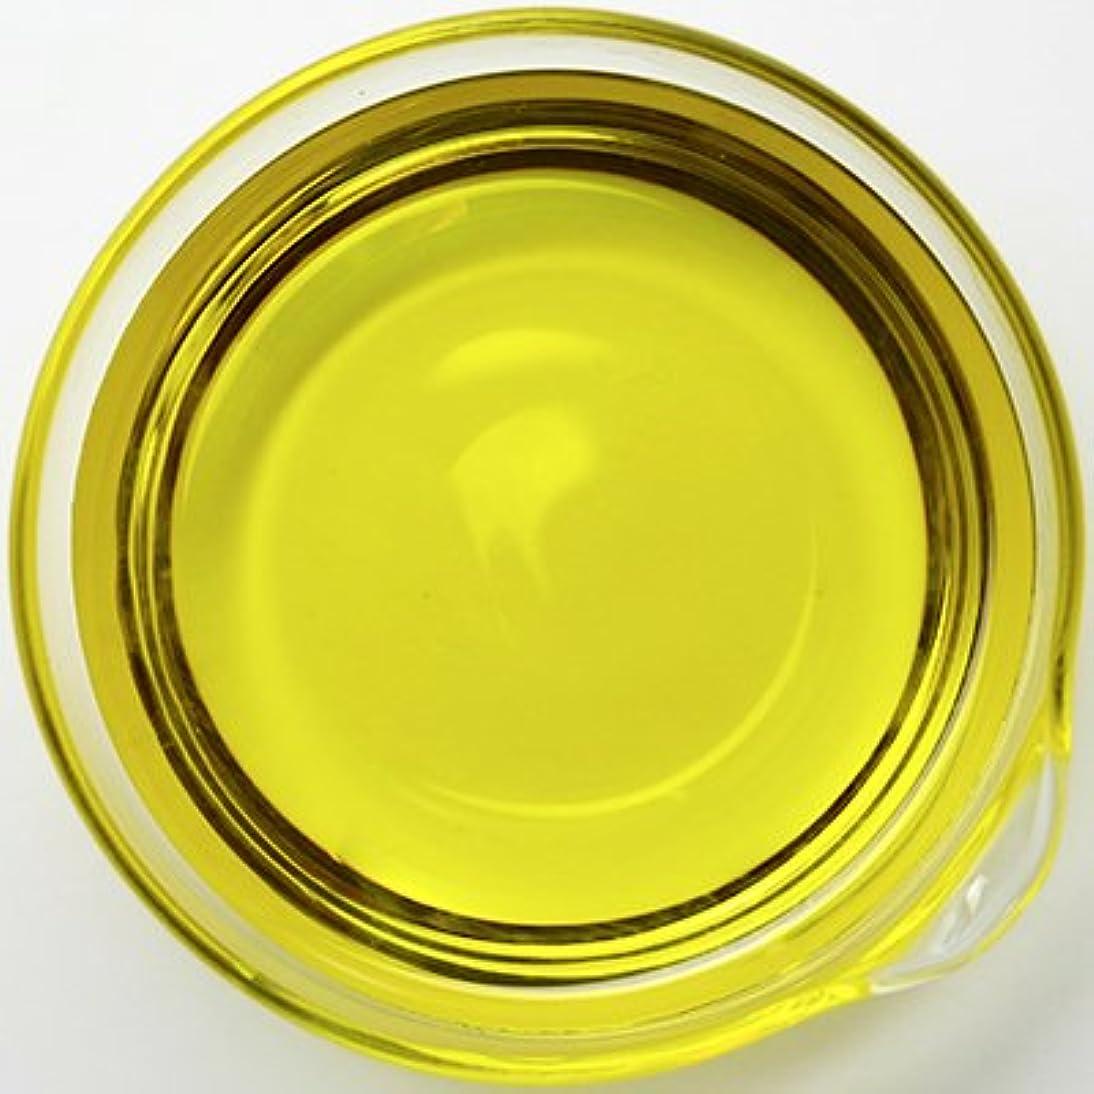 道路を作るプロセスアプローチ贅沢なオーガニック アルニカオイル [アルニカ抽出油] 1L 【アルニカ油/手作り石鹸/手作りコスメ/美容オイル/キャリアオイル/マッサージオイル】